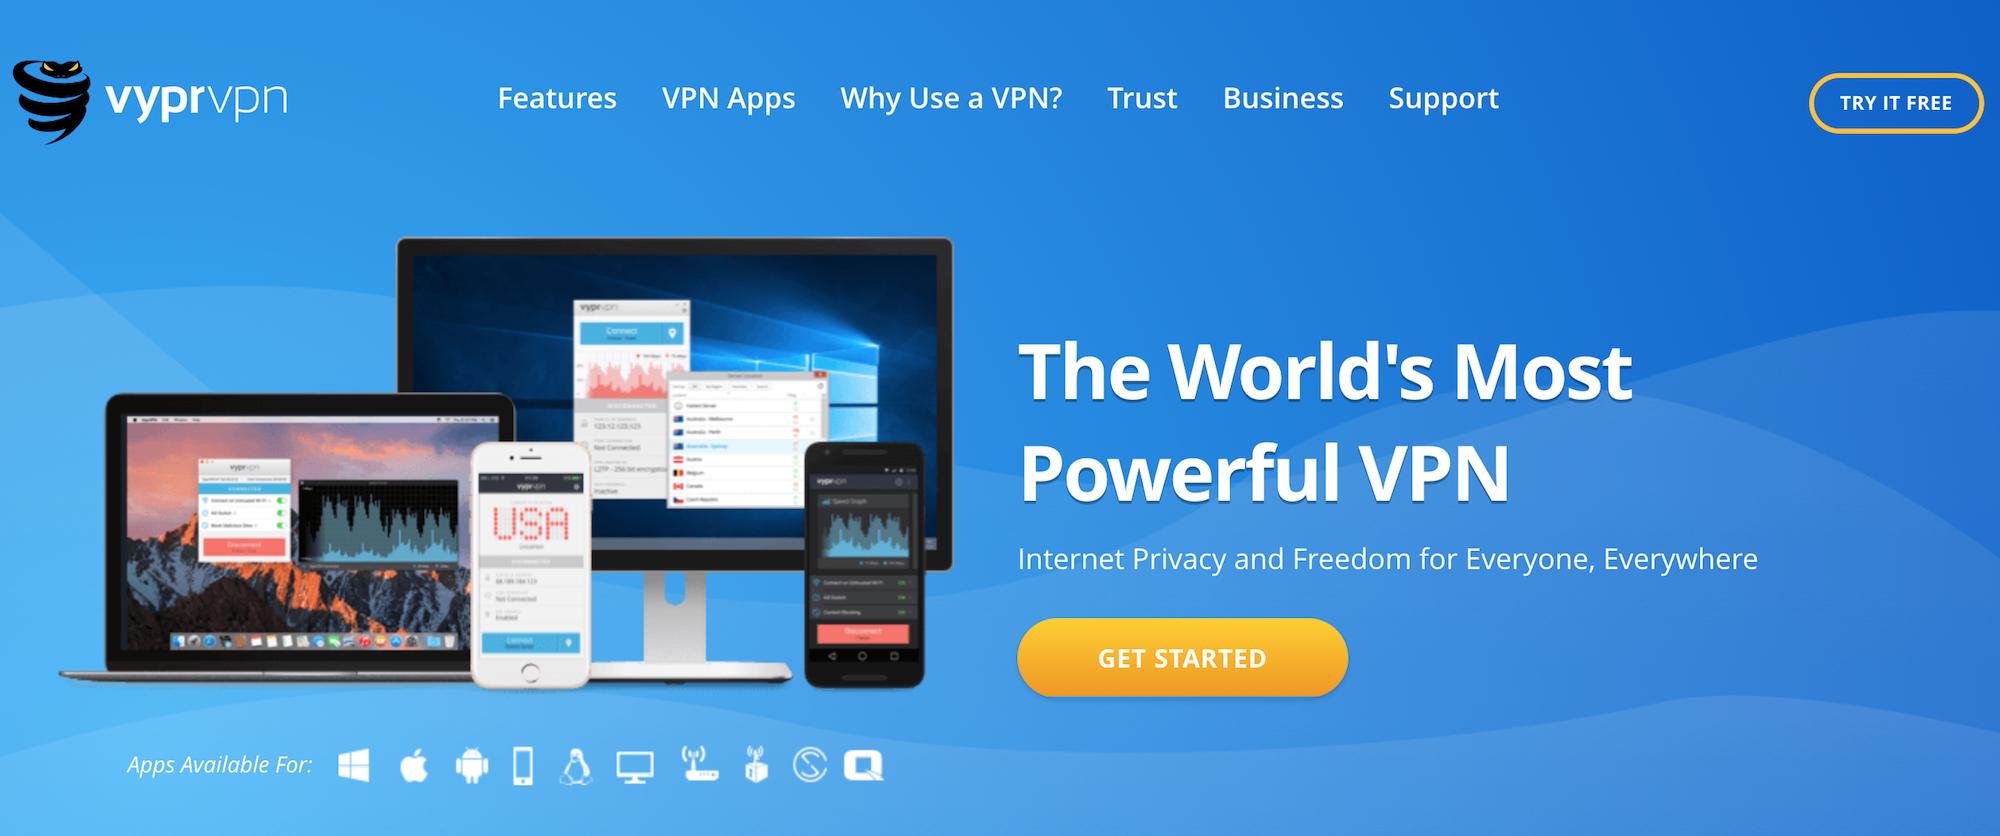 Vypr VPN Review 2018